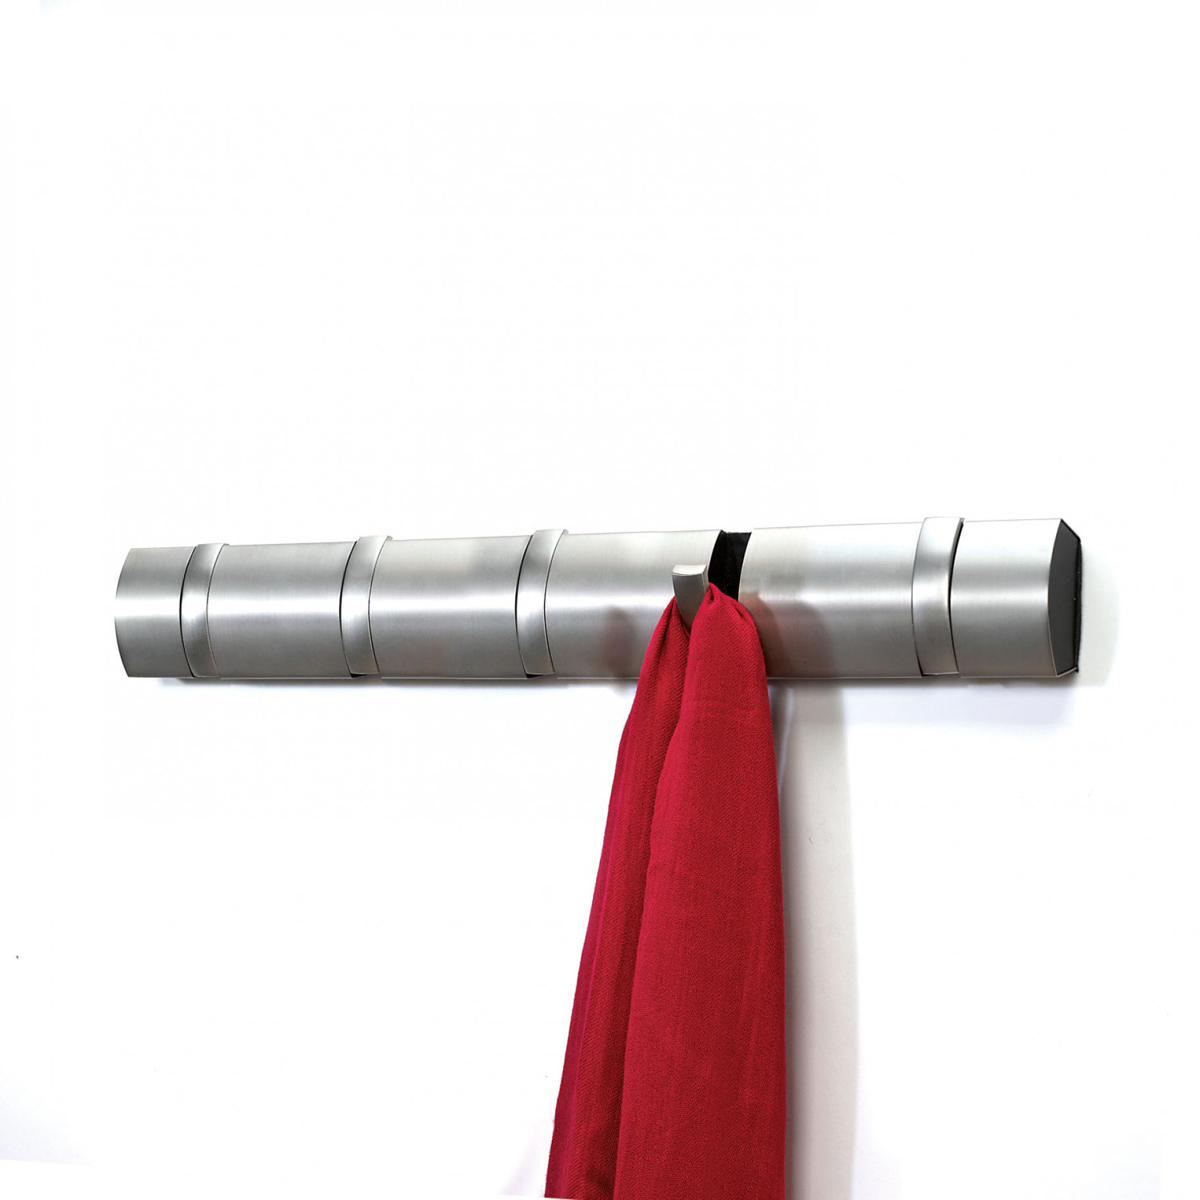 Вешалка настенная Umbra Flip, цвет: стальной, 5 крючков. 318852-41074-0060Стильная и прочная вешалка Umbra Flip интересной формы и оригинального дизайна изготовлена из прочного пластика и металла. Имеет 5 откидных крючков из никеля: когда они не используются, то складываются, превращая конструкцию в абсолютно гладкую поверхность. Вешалка Umbra Flip идеально подходит для маленьких прихожих и ограниченных пространств. Каждый крючок выдерживает вес до 2,3 кг. Размер вешалки: 51 см х 5,5 см х 2 см.